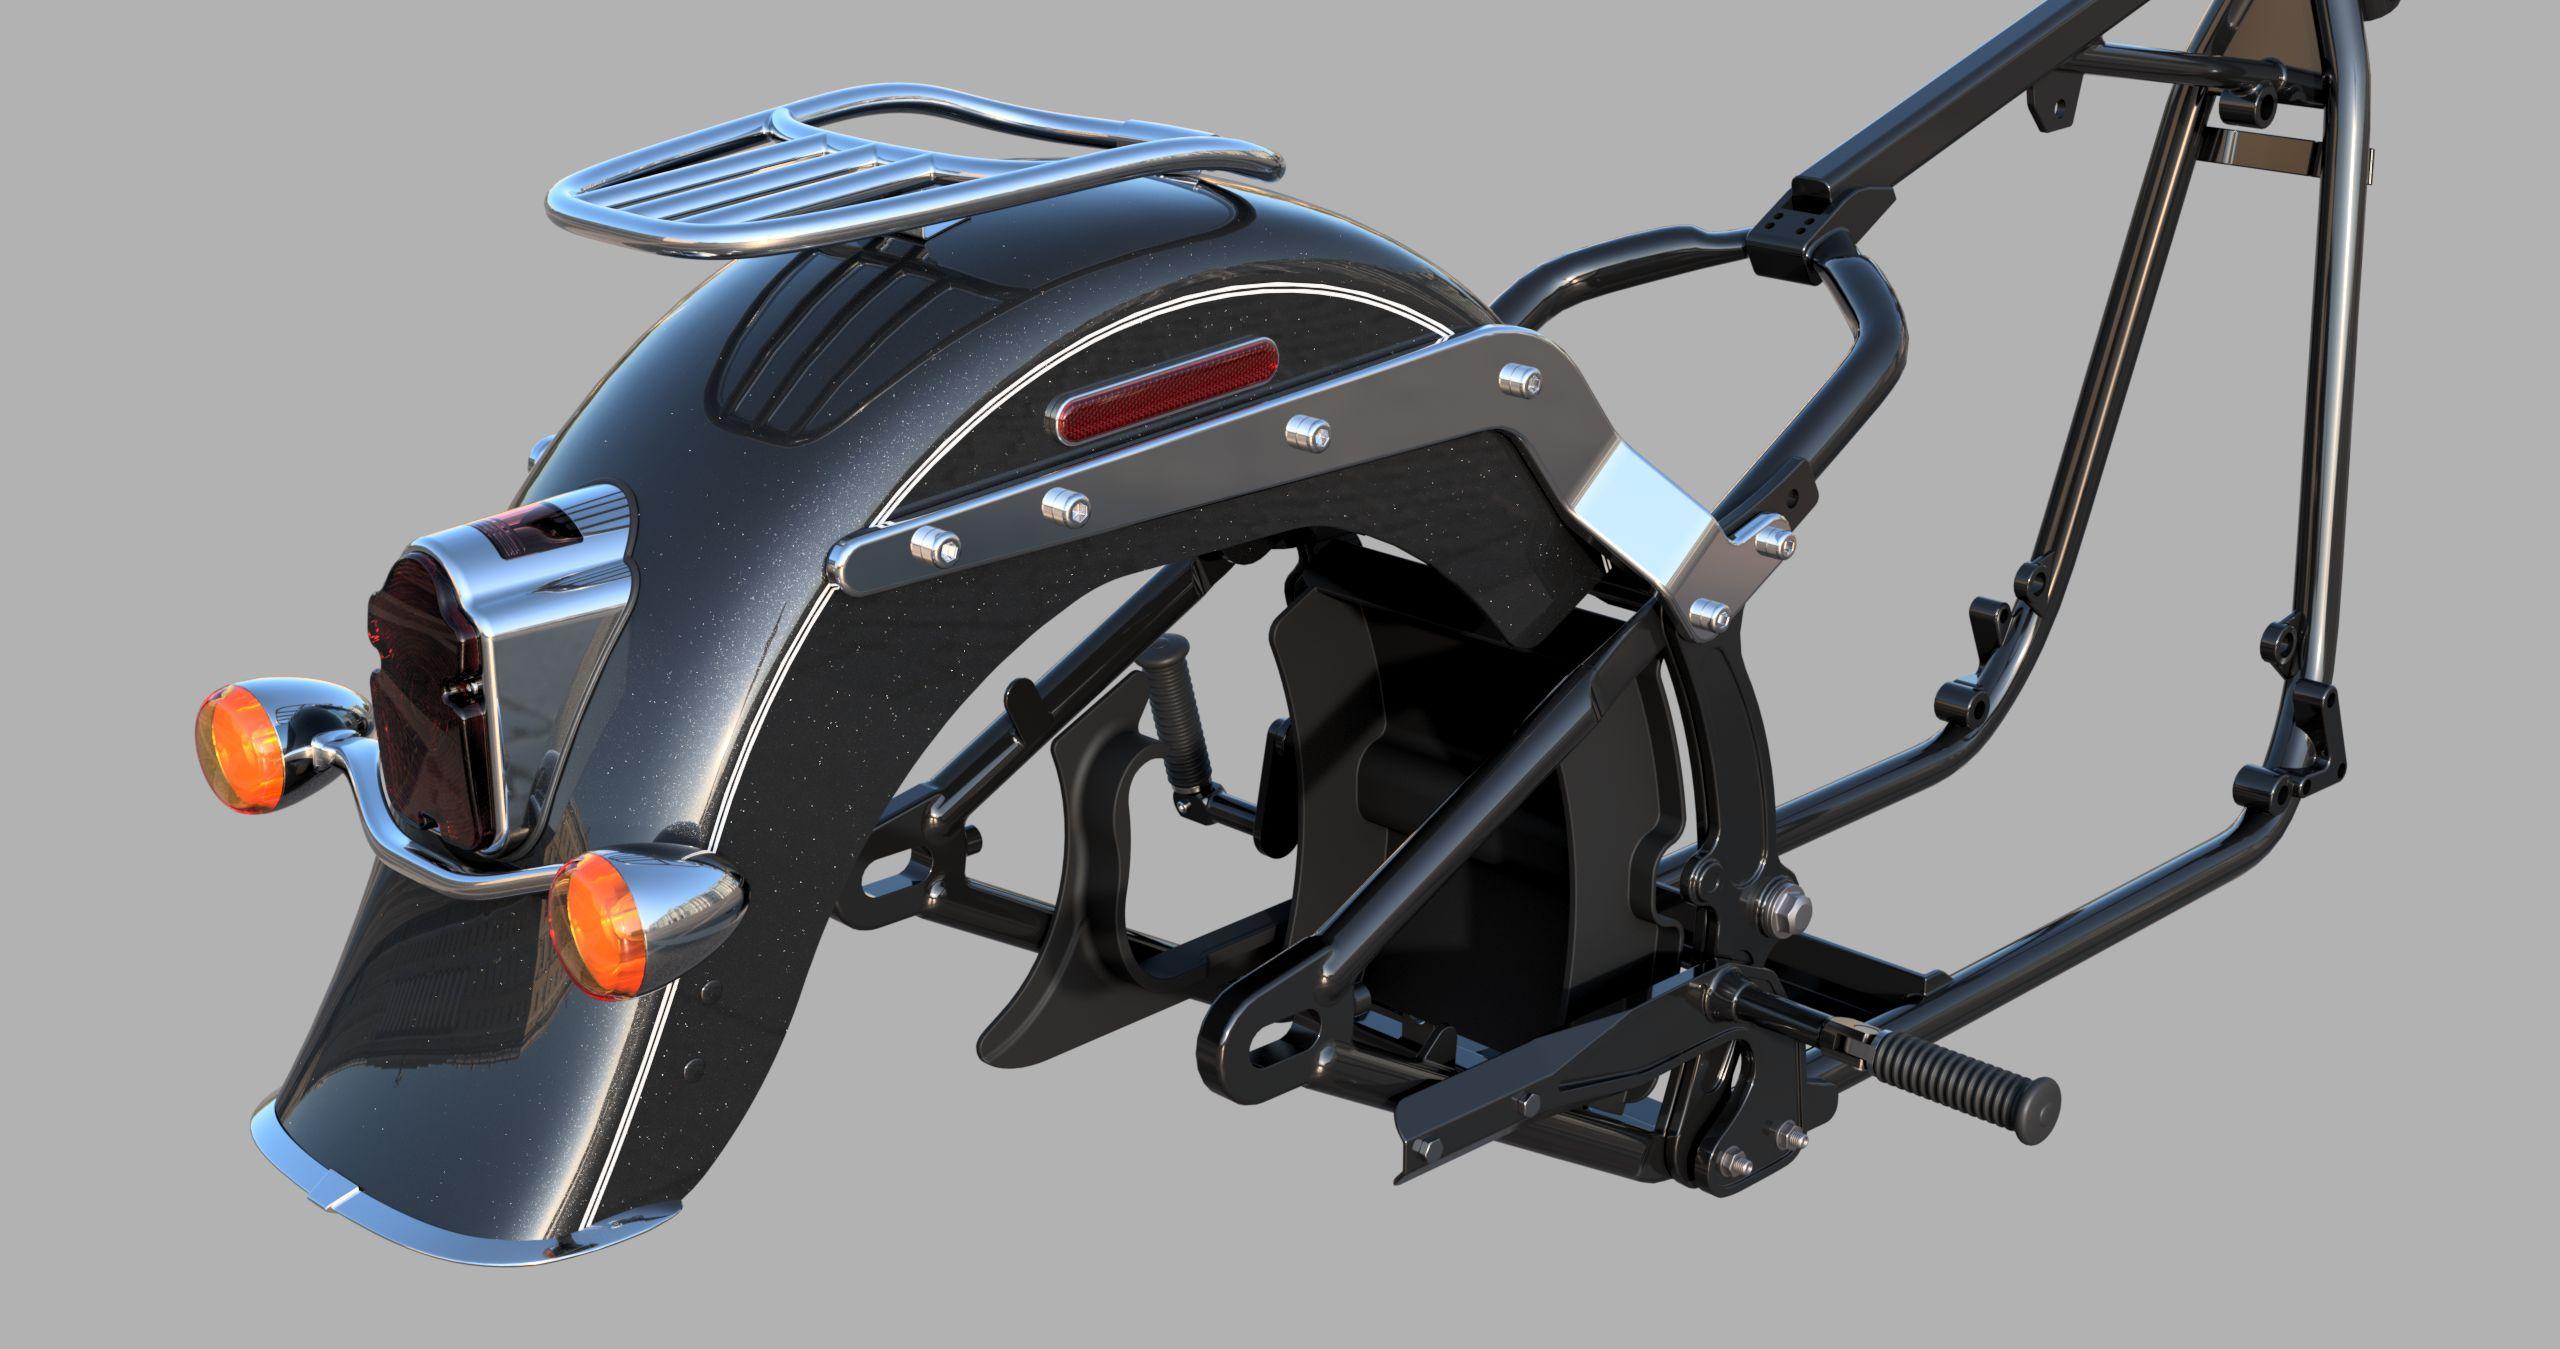 Harley-heritage-rearfender-3500-3500